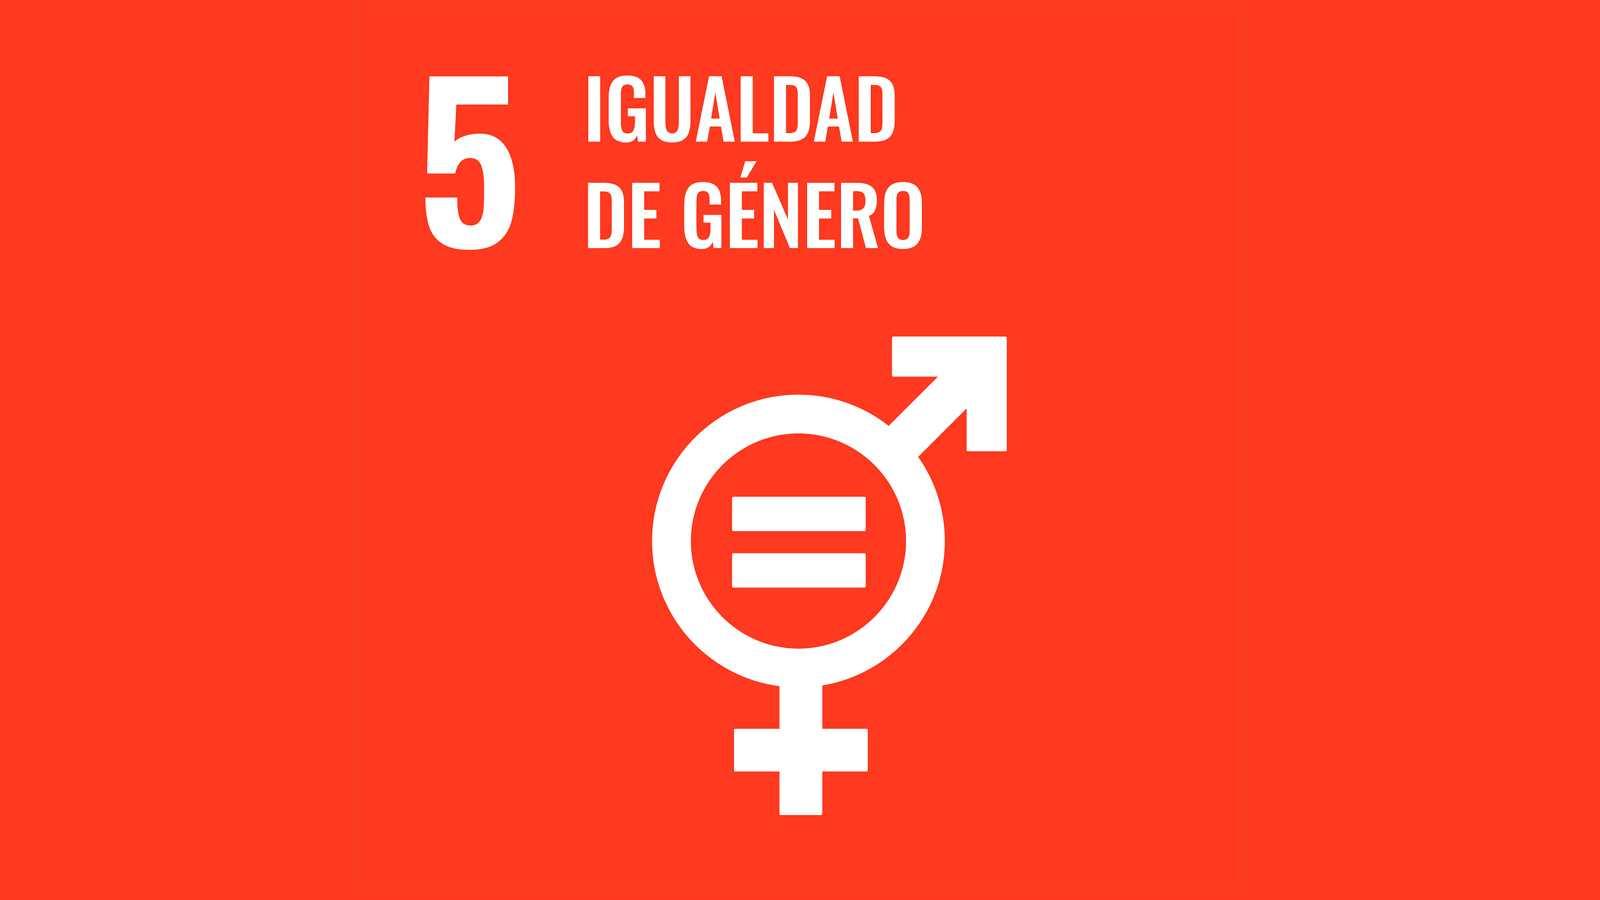 Objetivo de desarrollo sostenible 5